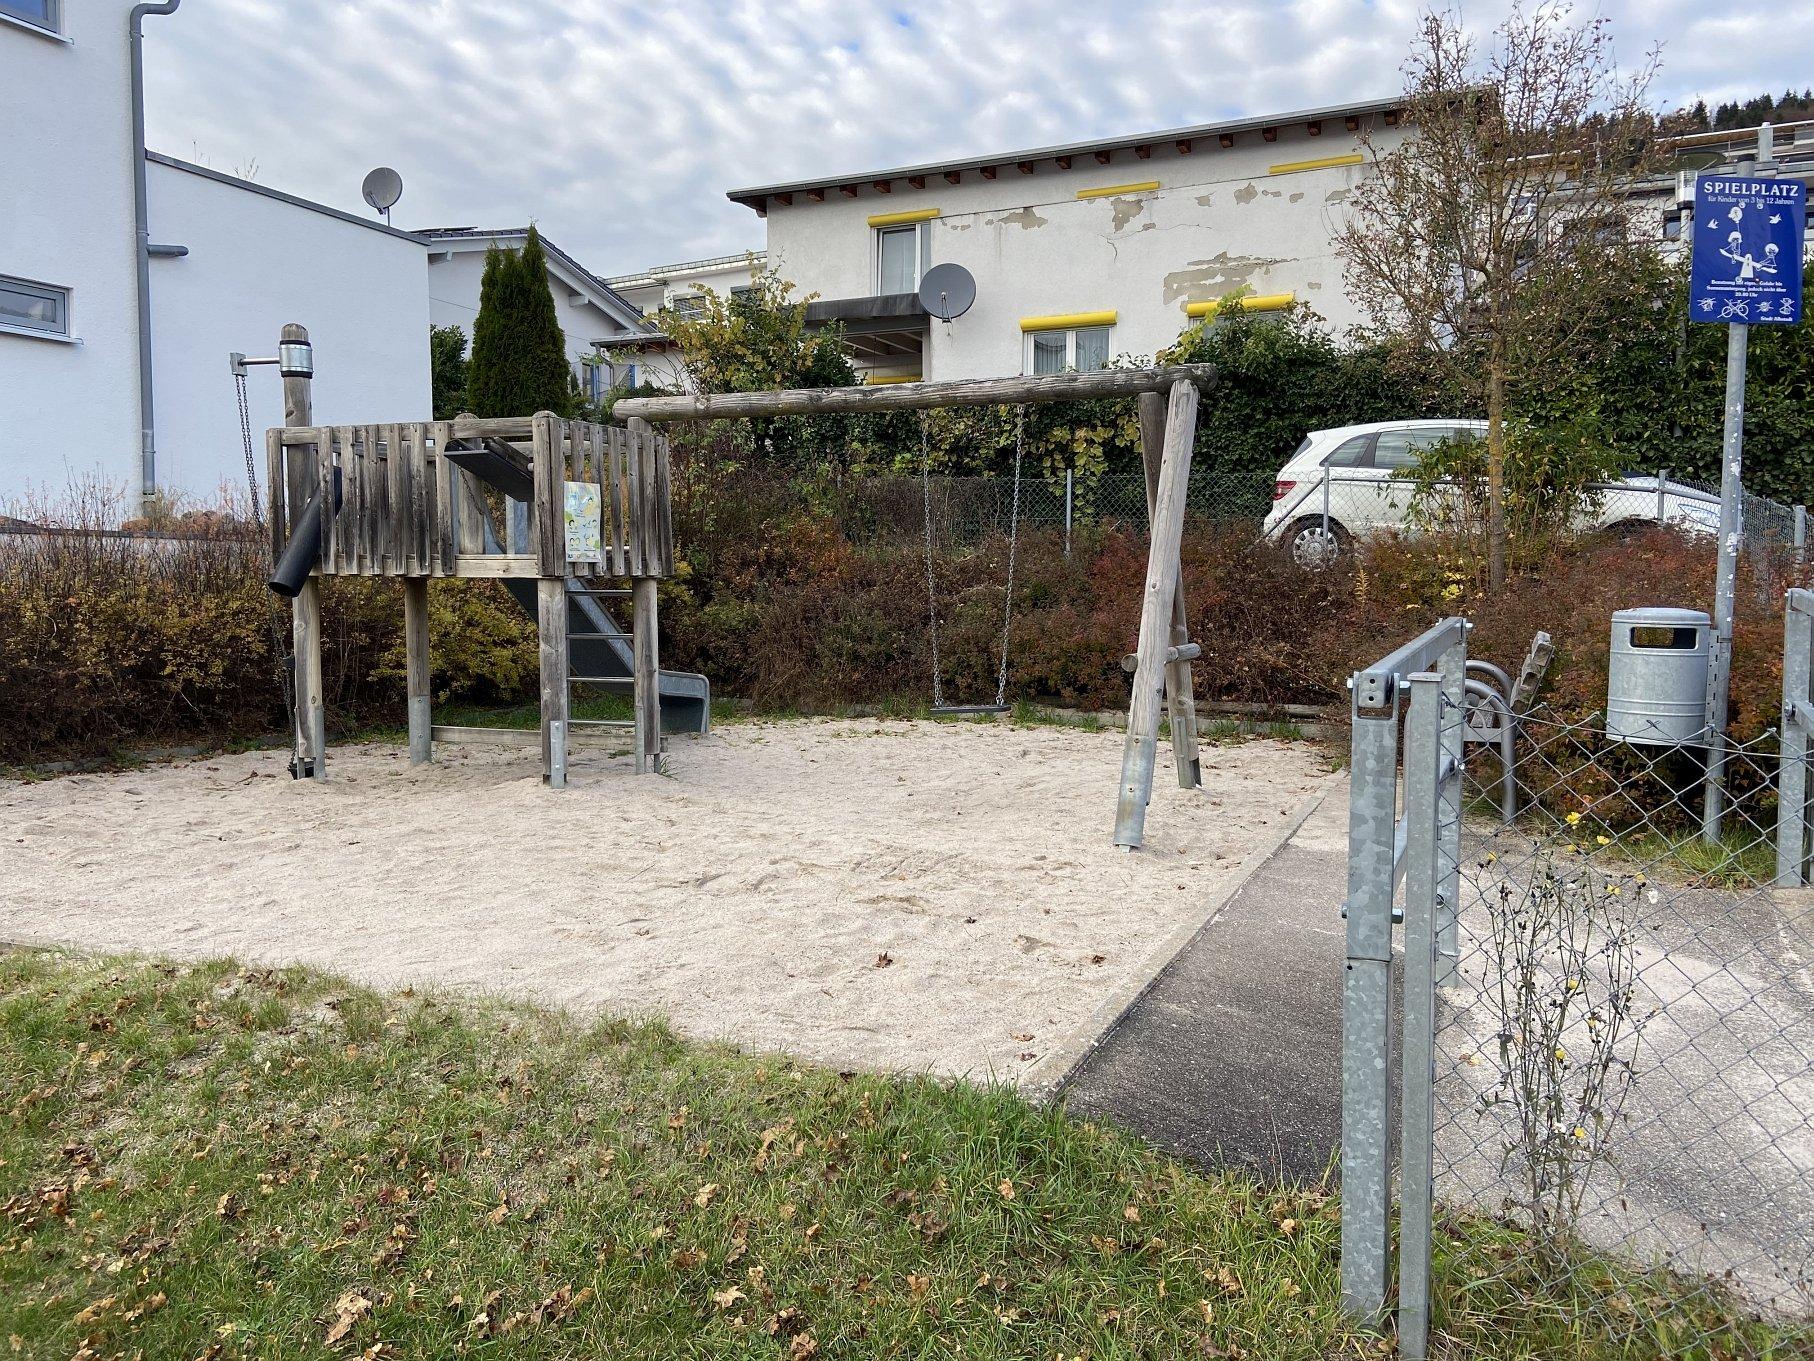 Spielplatz Keltenstraße-Viel Platz zum toben!